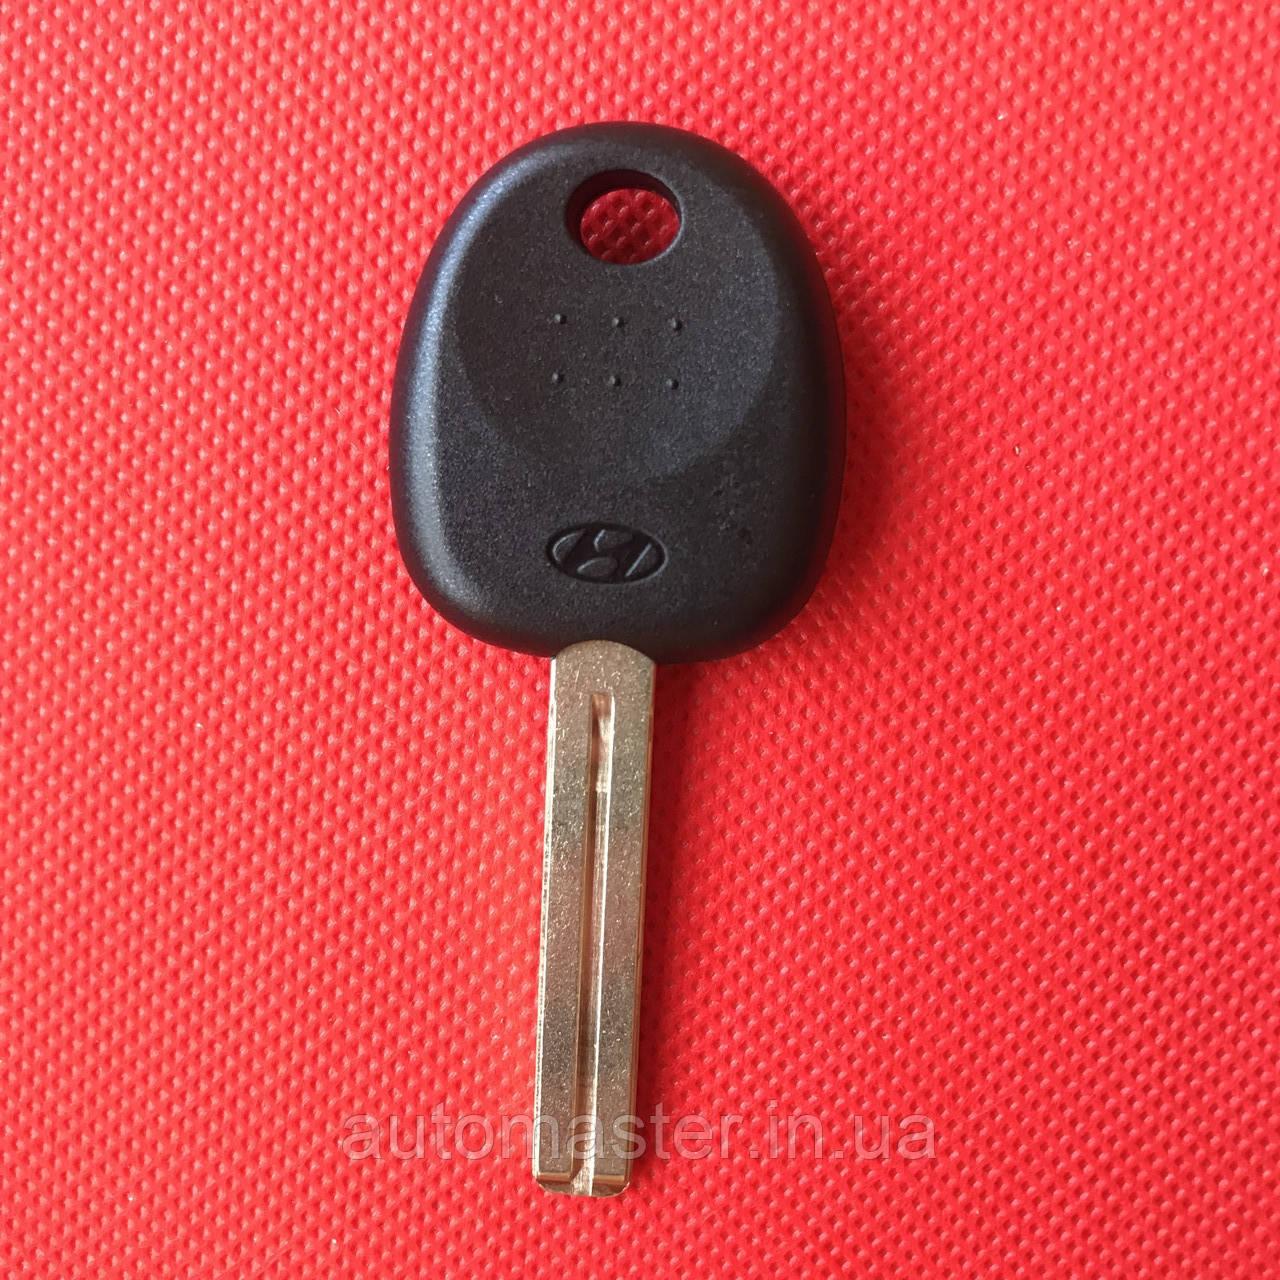 Корпус заготовки ключа HYUNDAI (Хундай) i10, i20, i30, ix35, i40, ix35